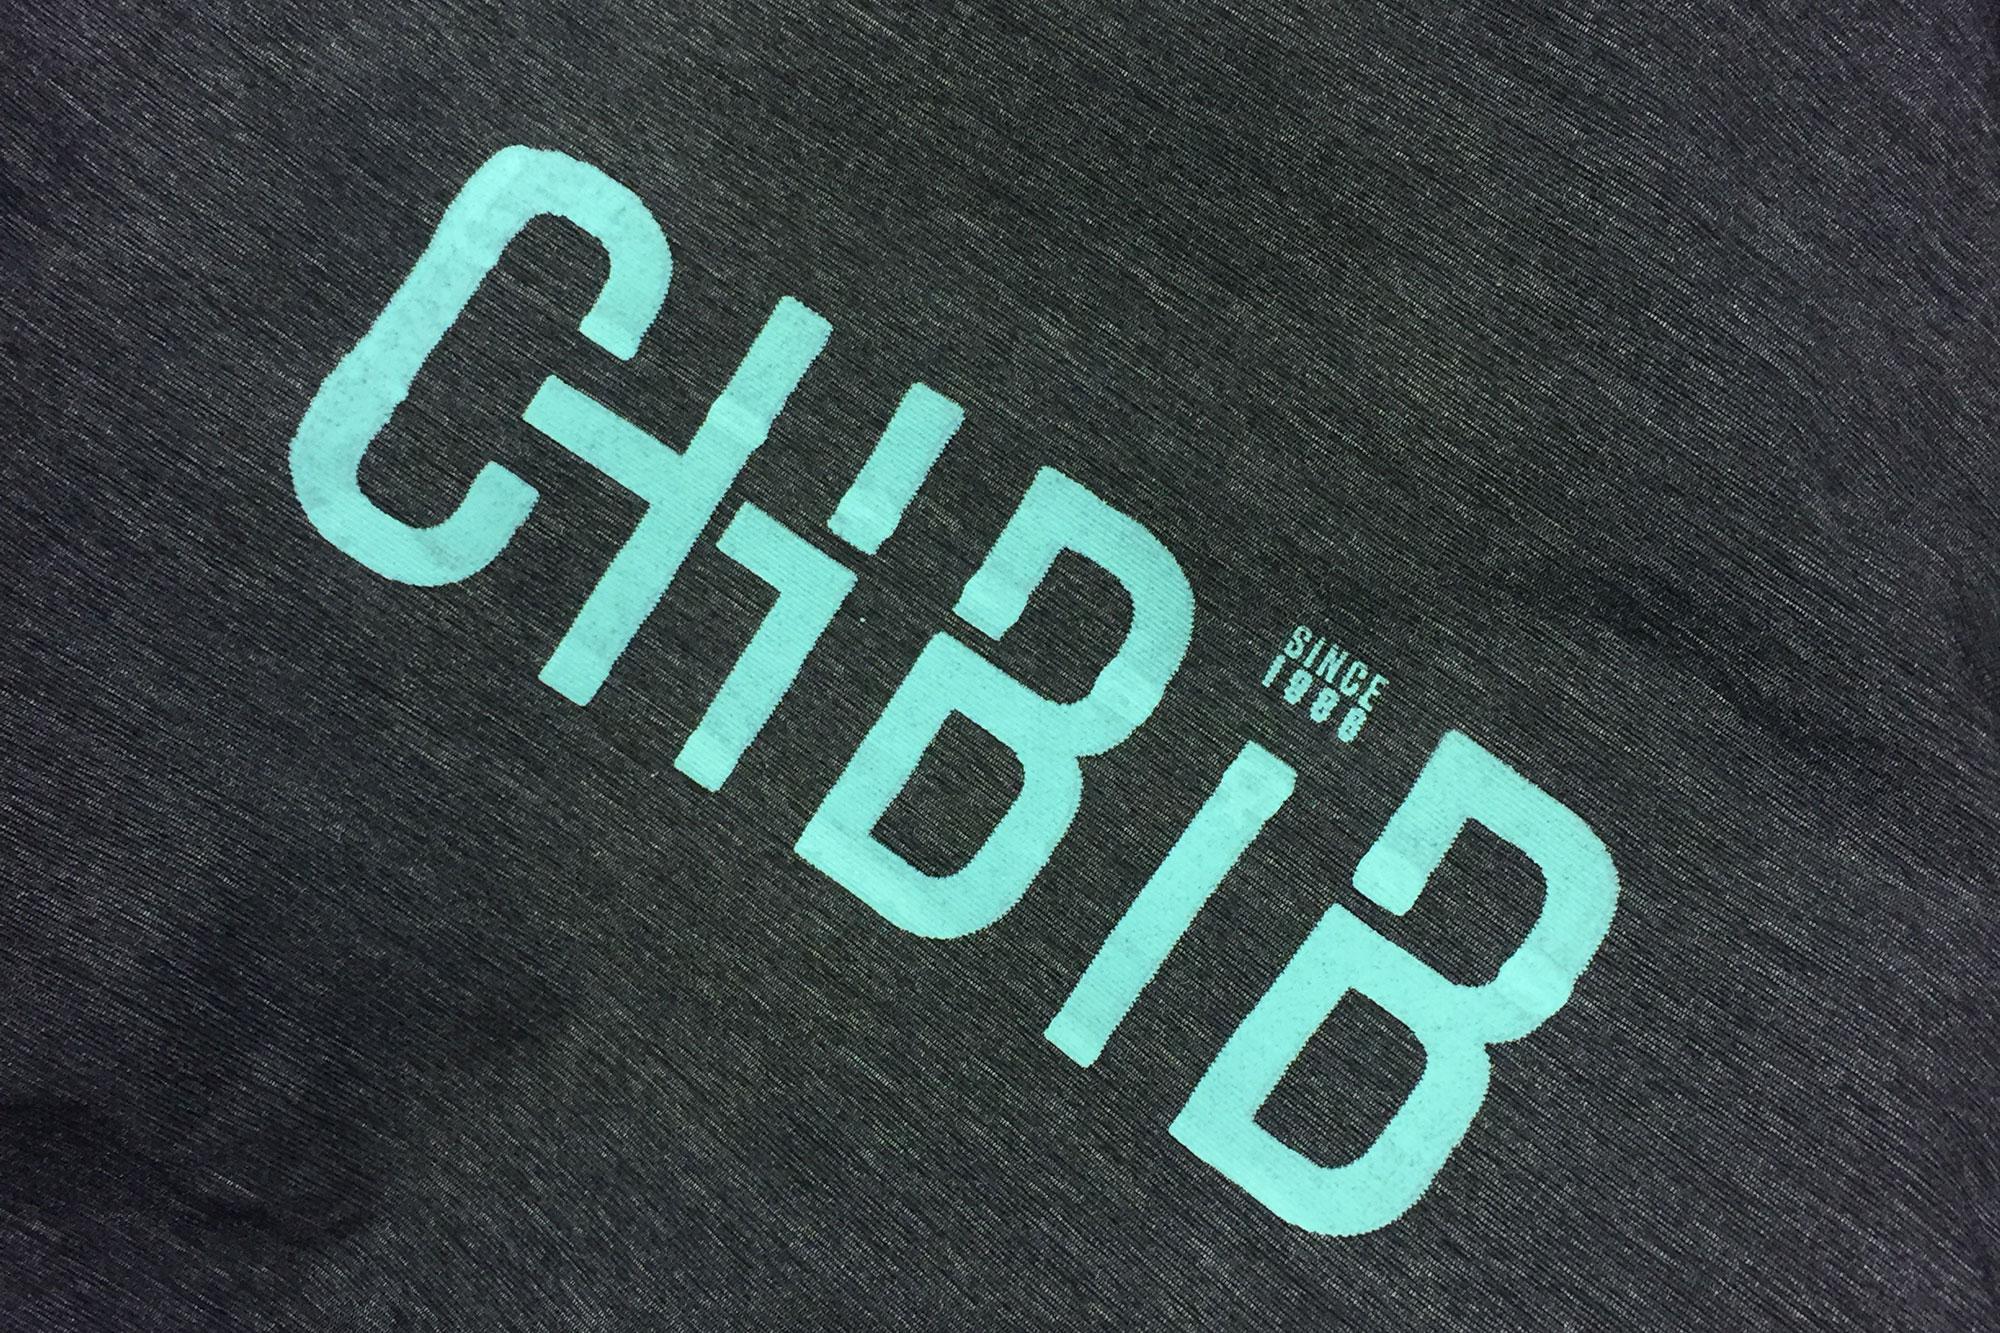 Chbib-Work-By-YaStudio-01b